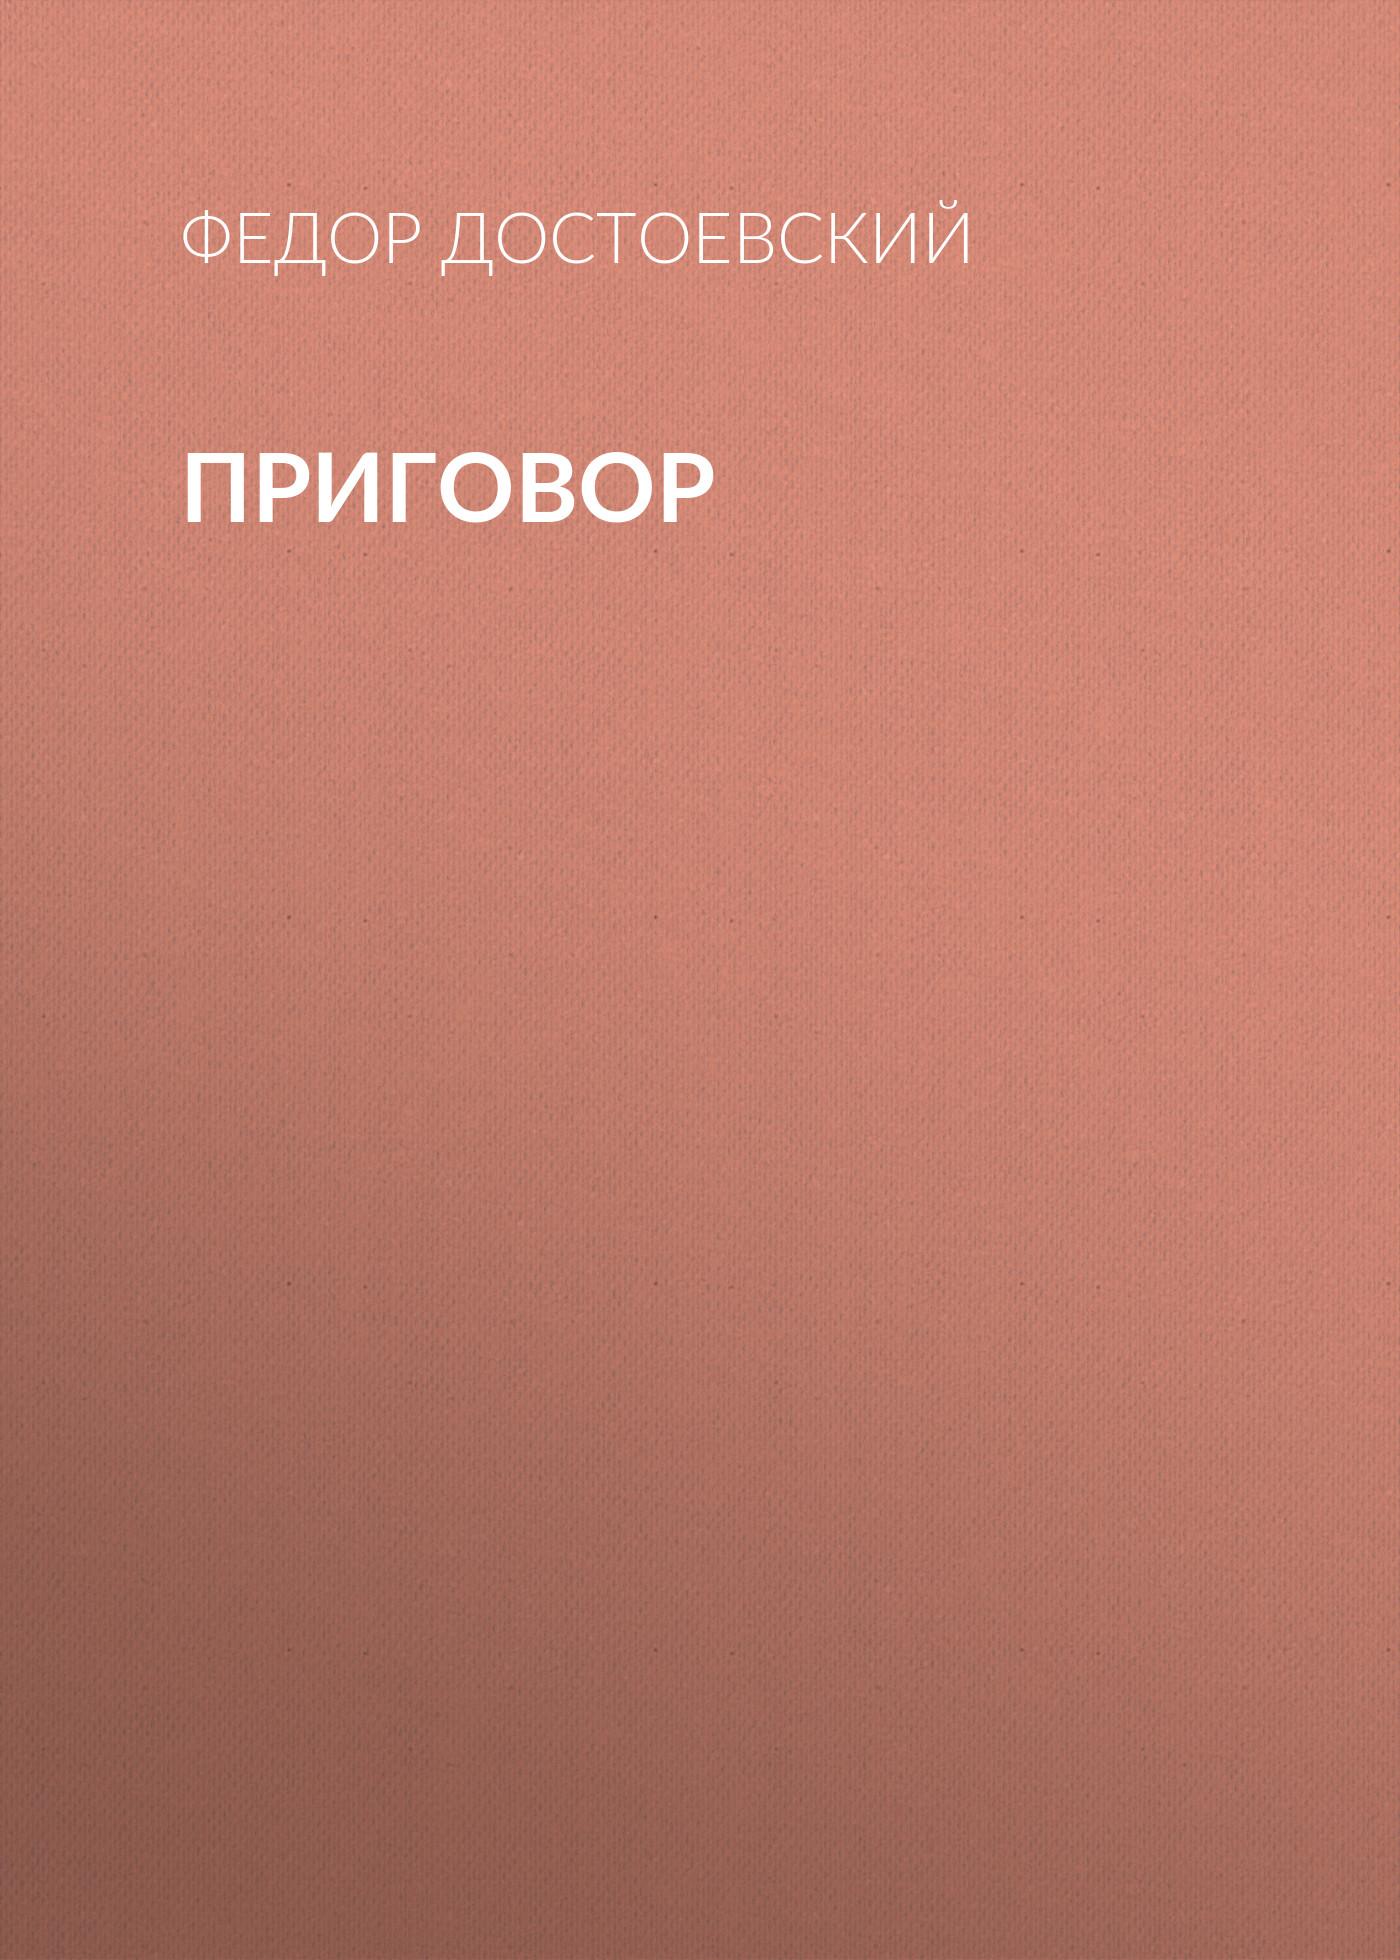 Федор Достоевский Приговор цены